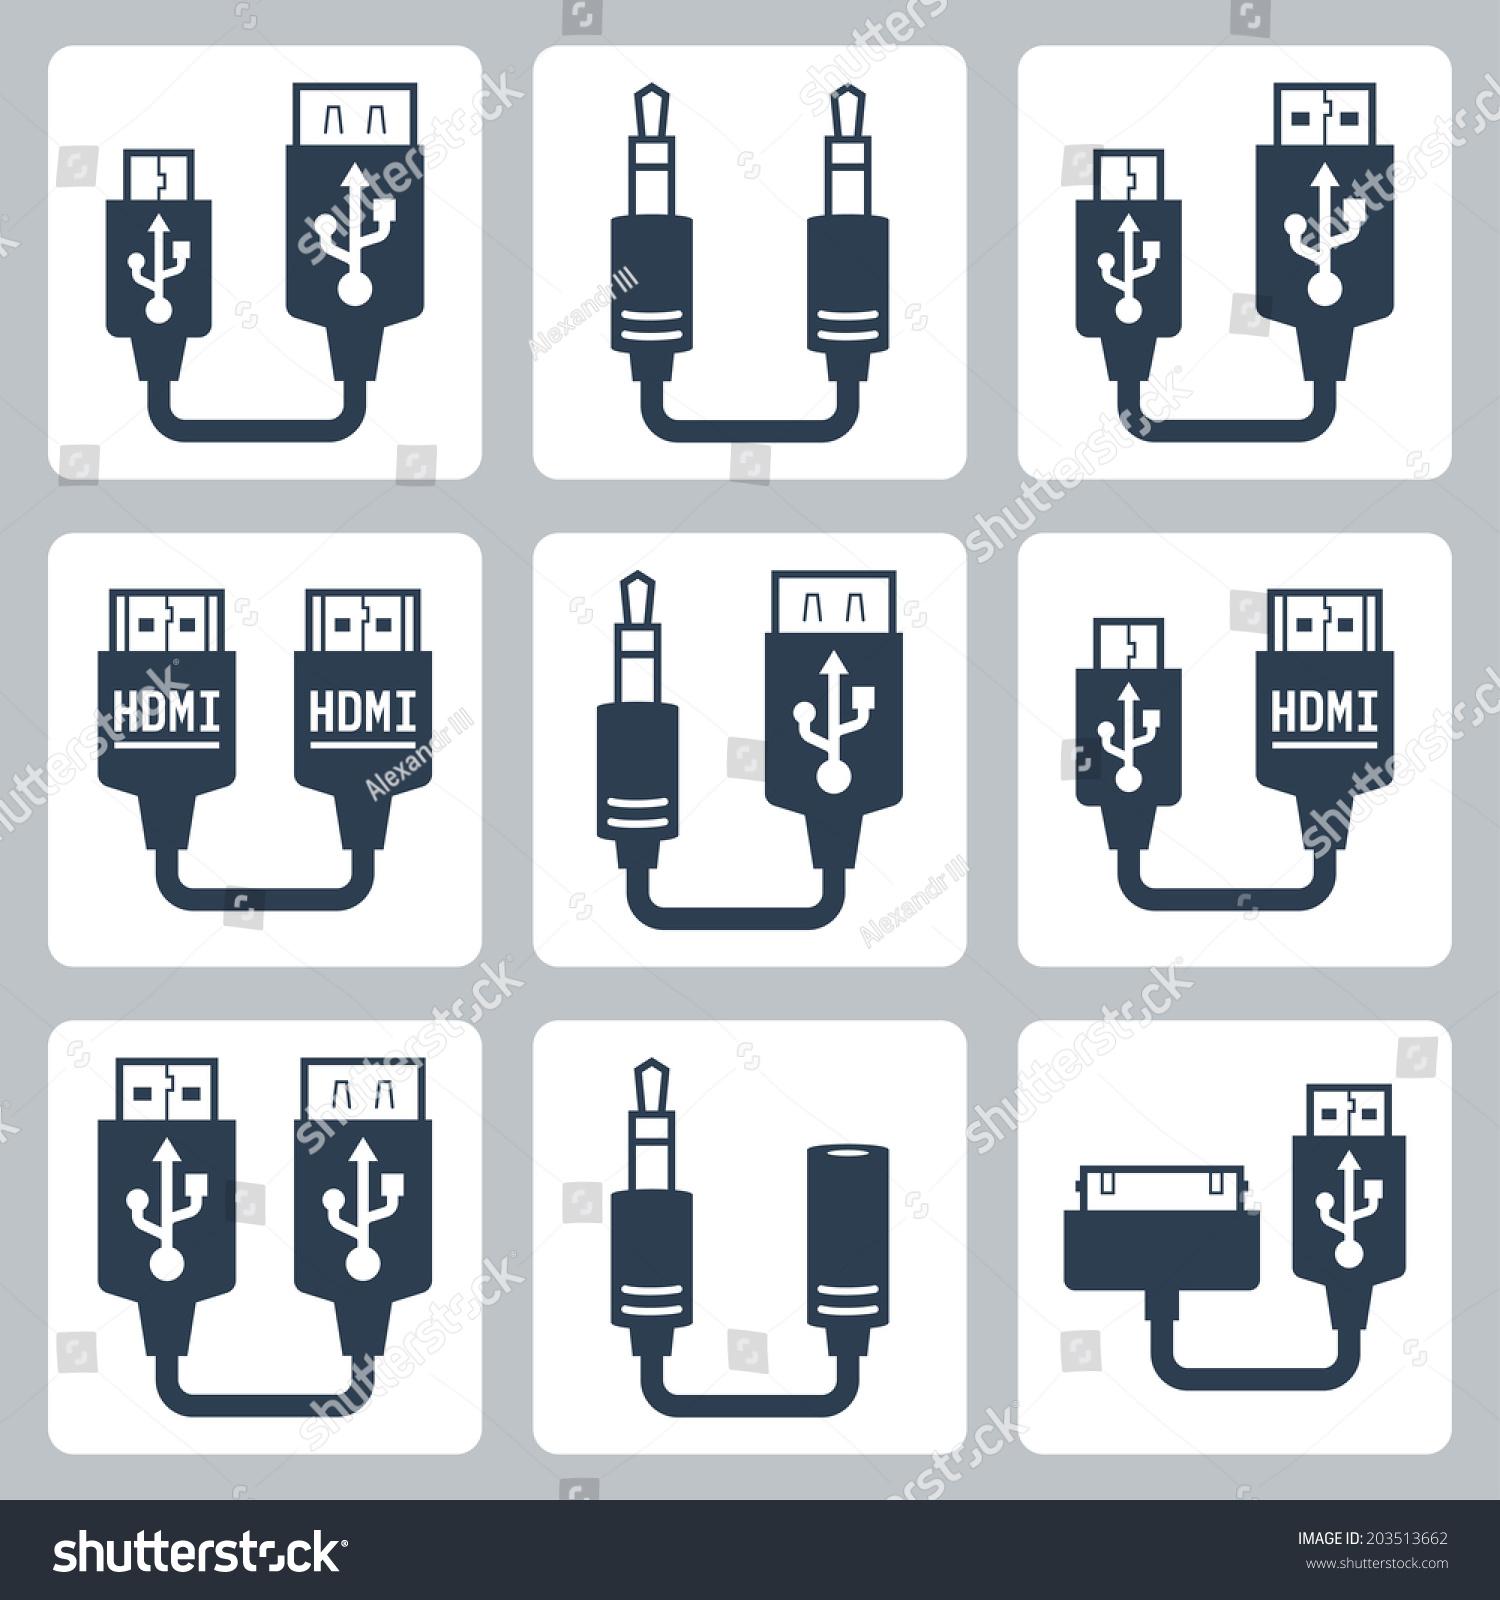 适配器连接器矢量图标集-科技,符号/标志-海洛创意()